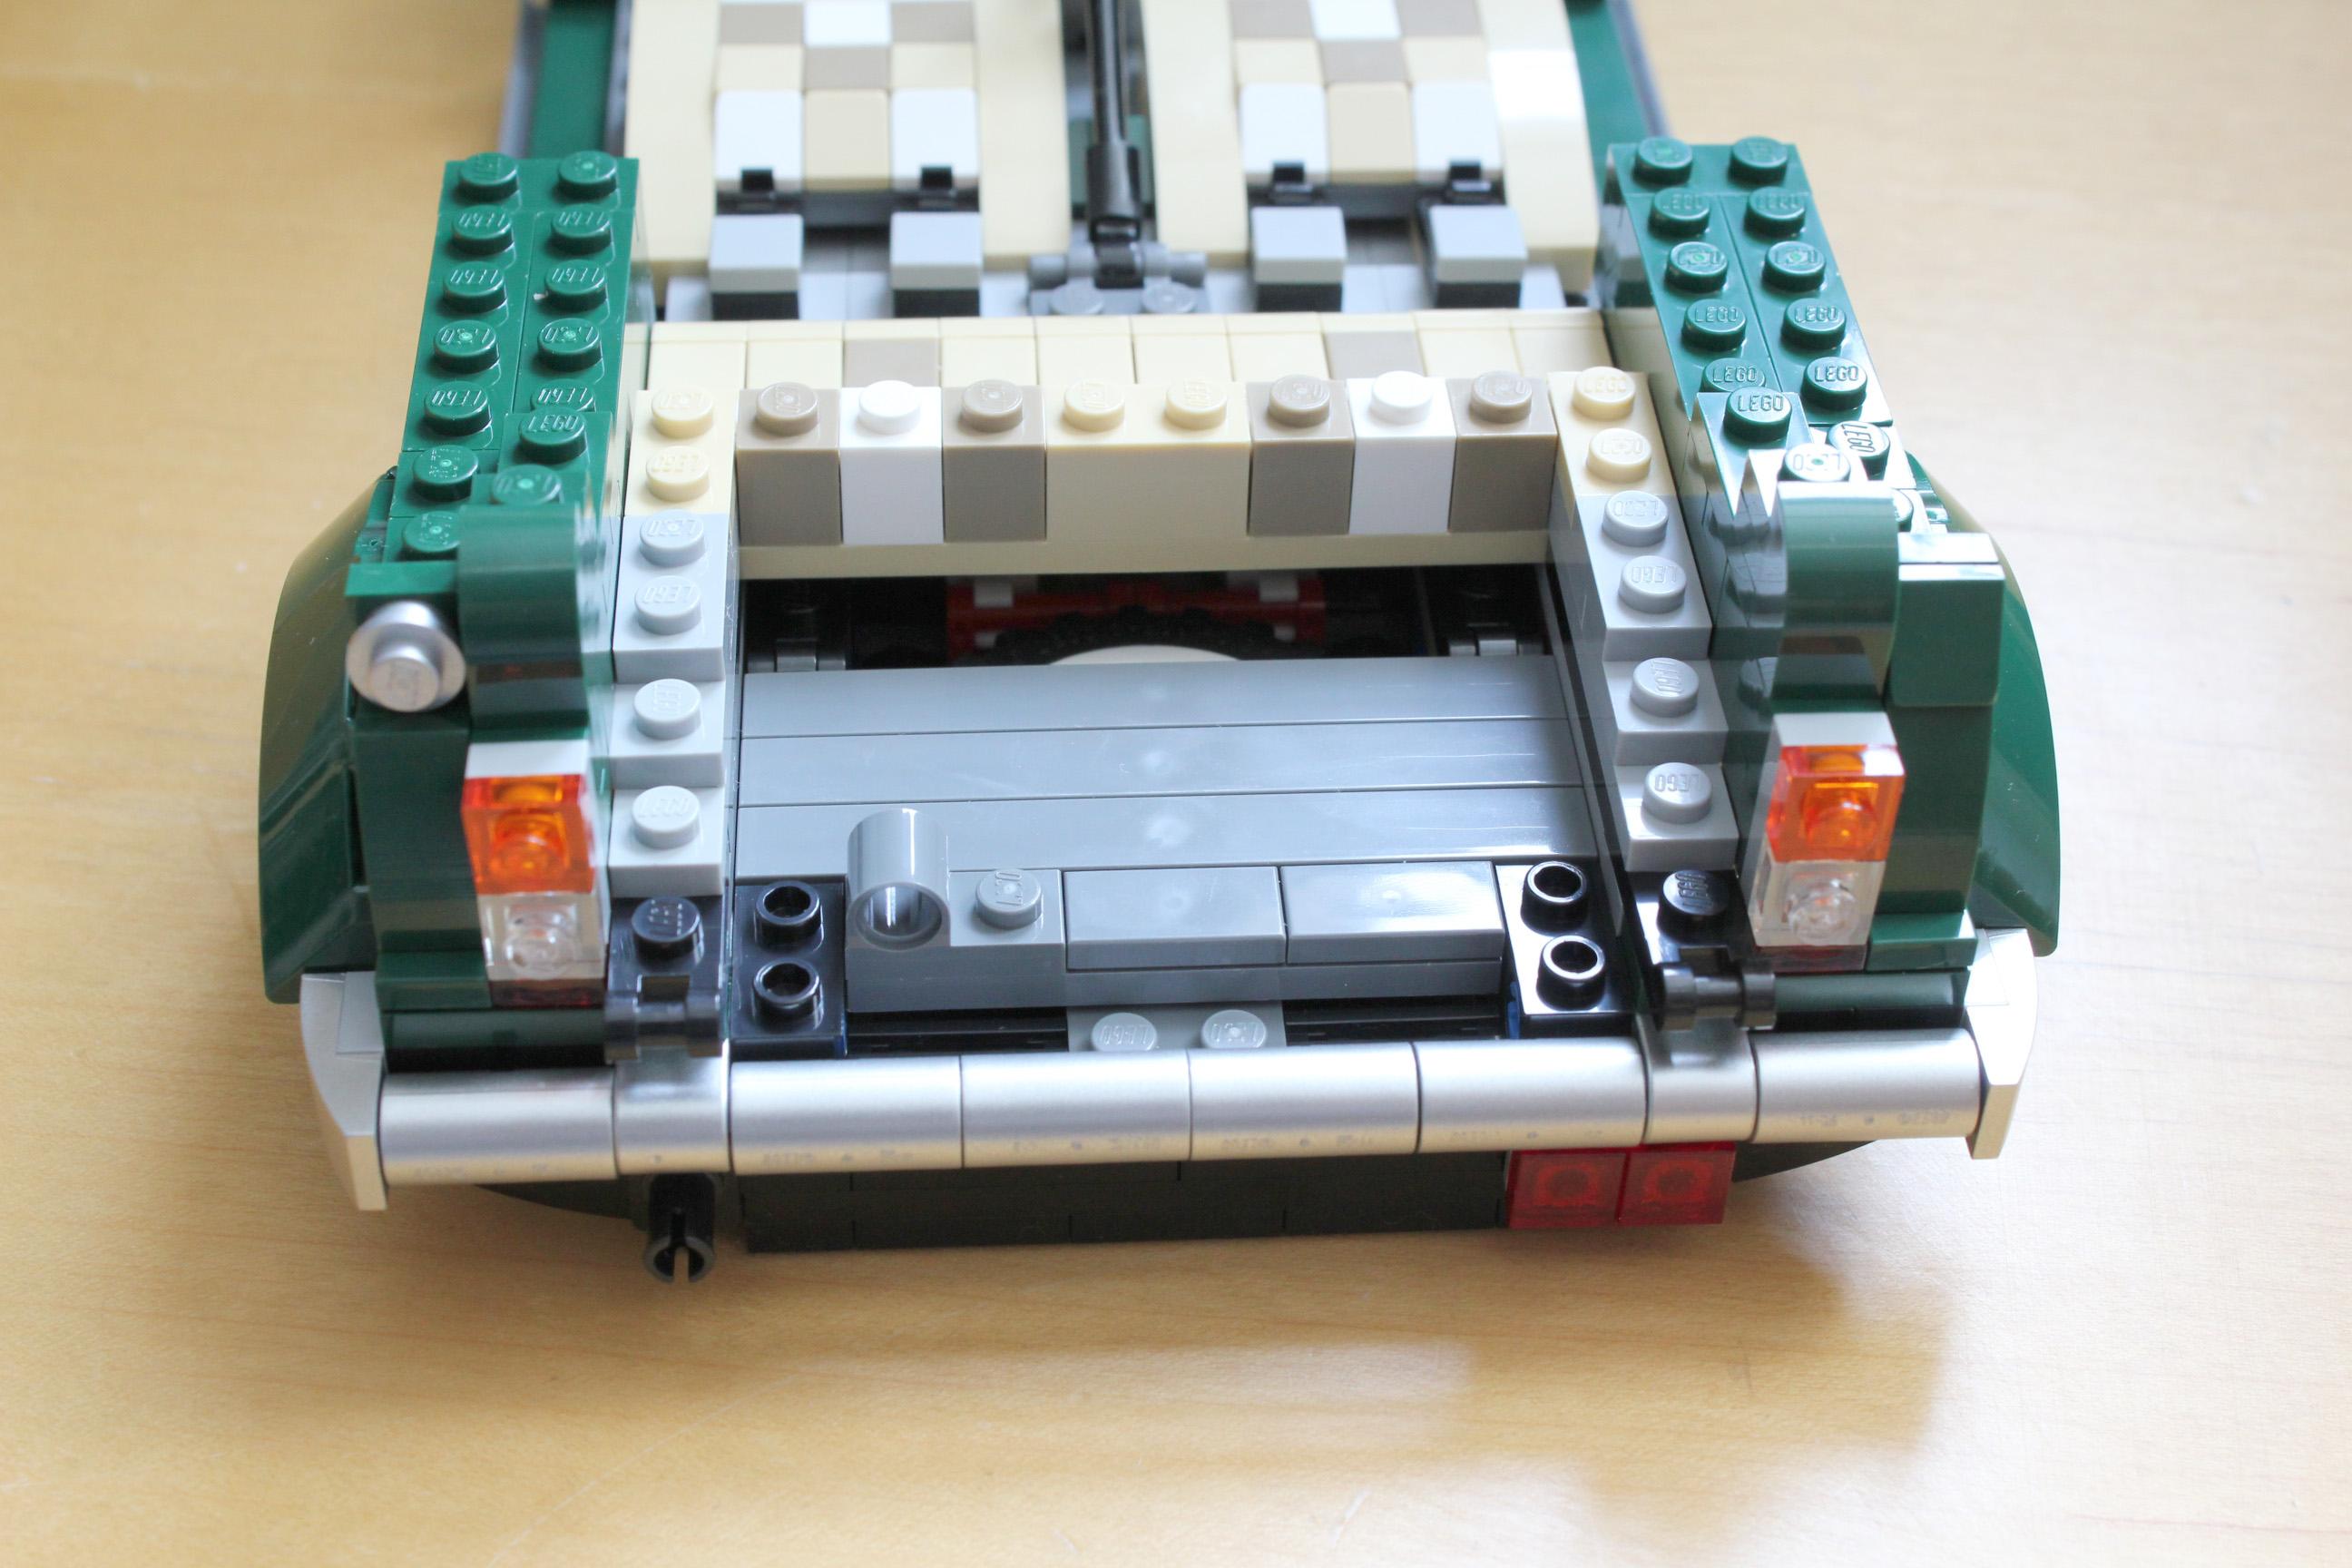 电路板 机器设备 2592_1728